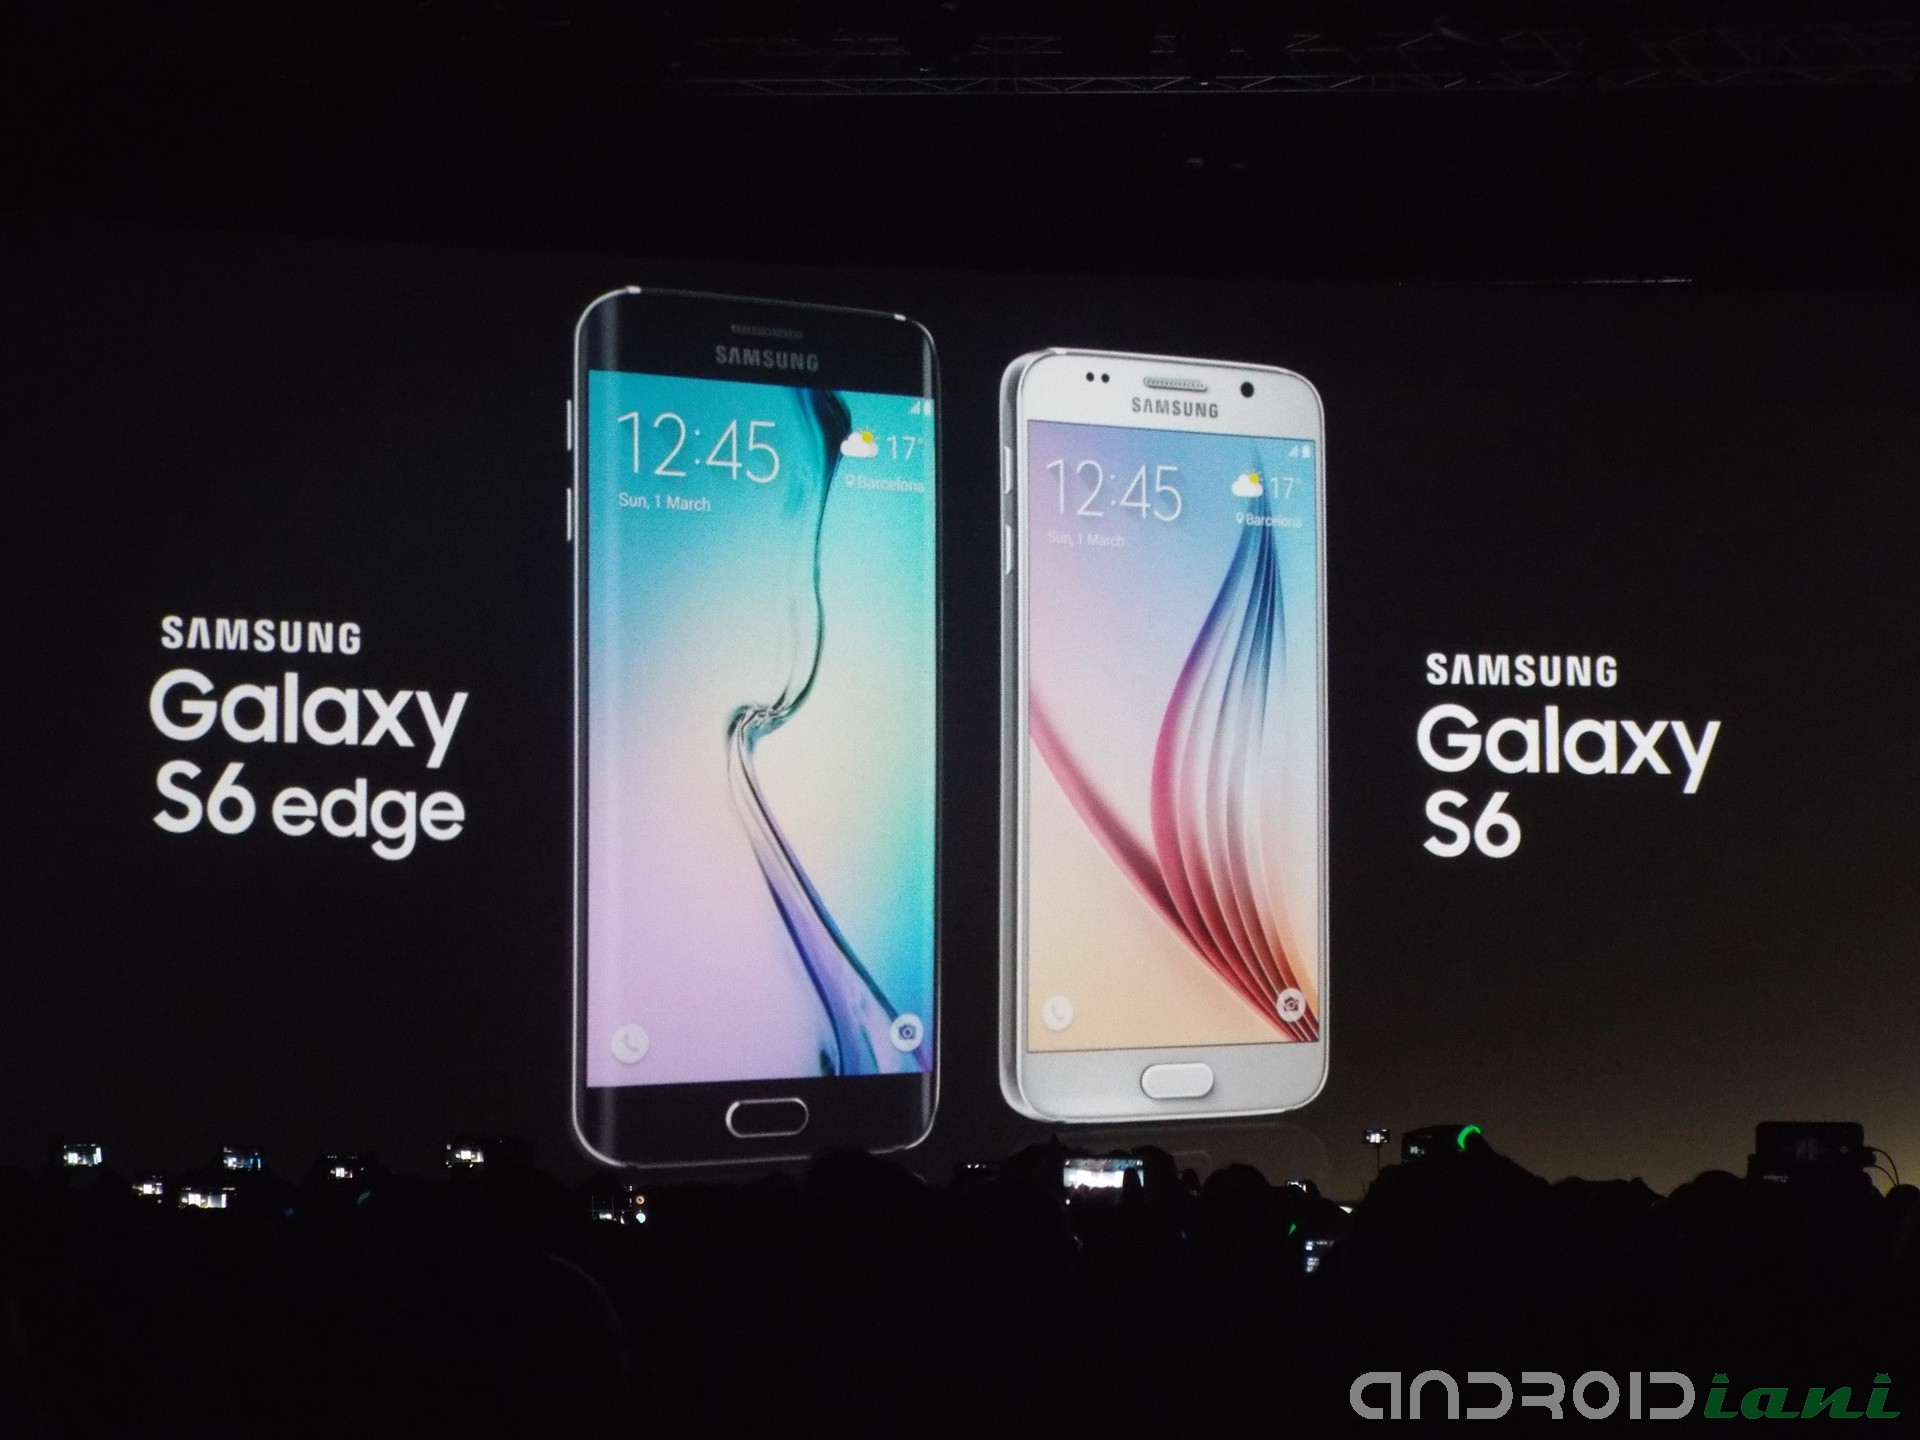 Samsung Galaxy S6 e Galaxy S6 Edge presentati ufficialmente Androidiani